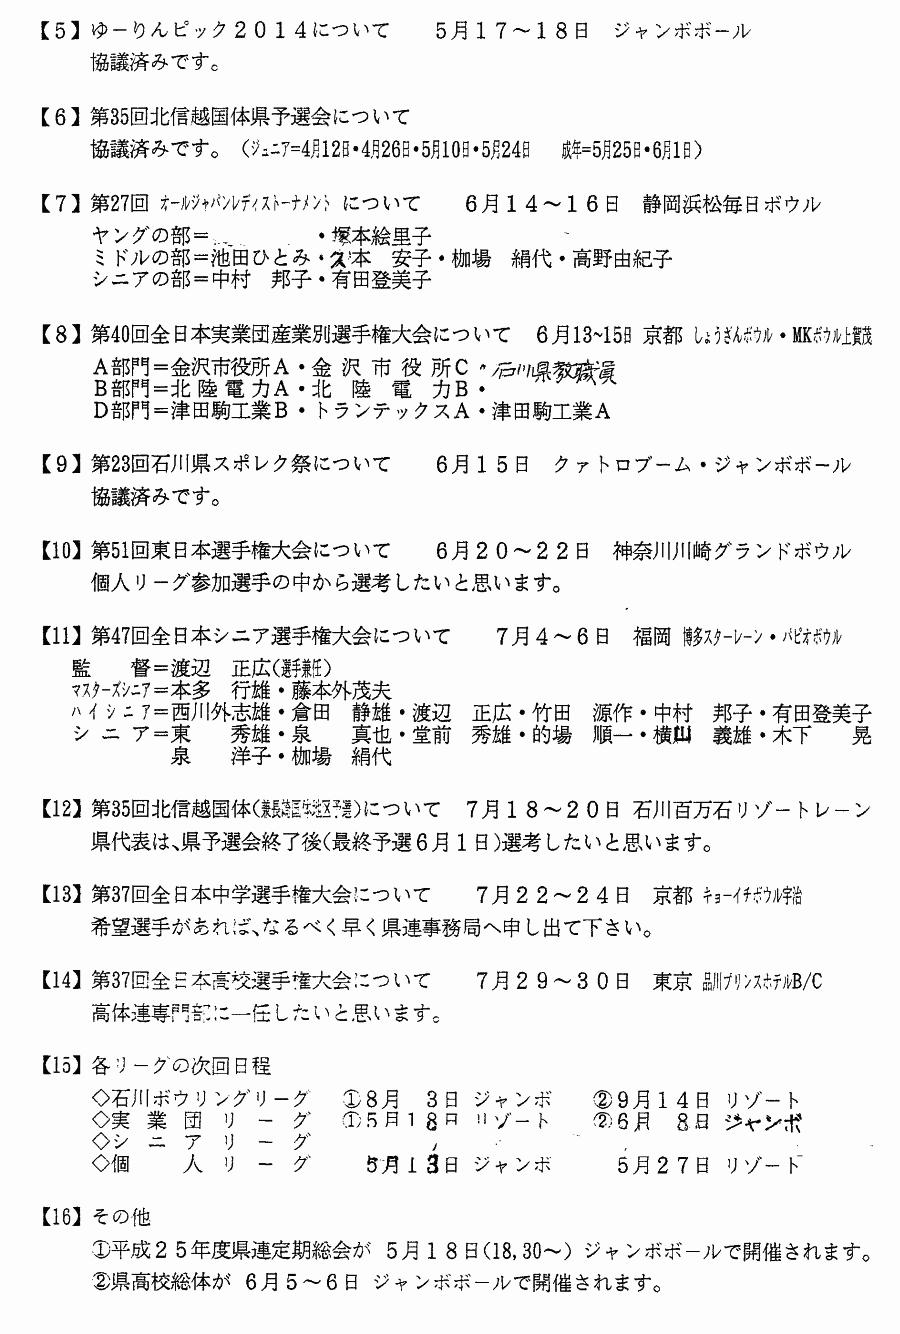 月例連絡会議 2014年5月02